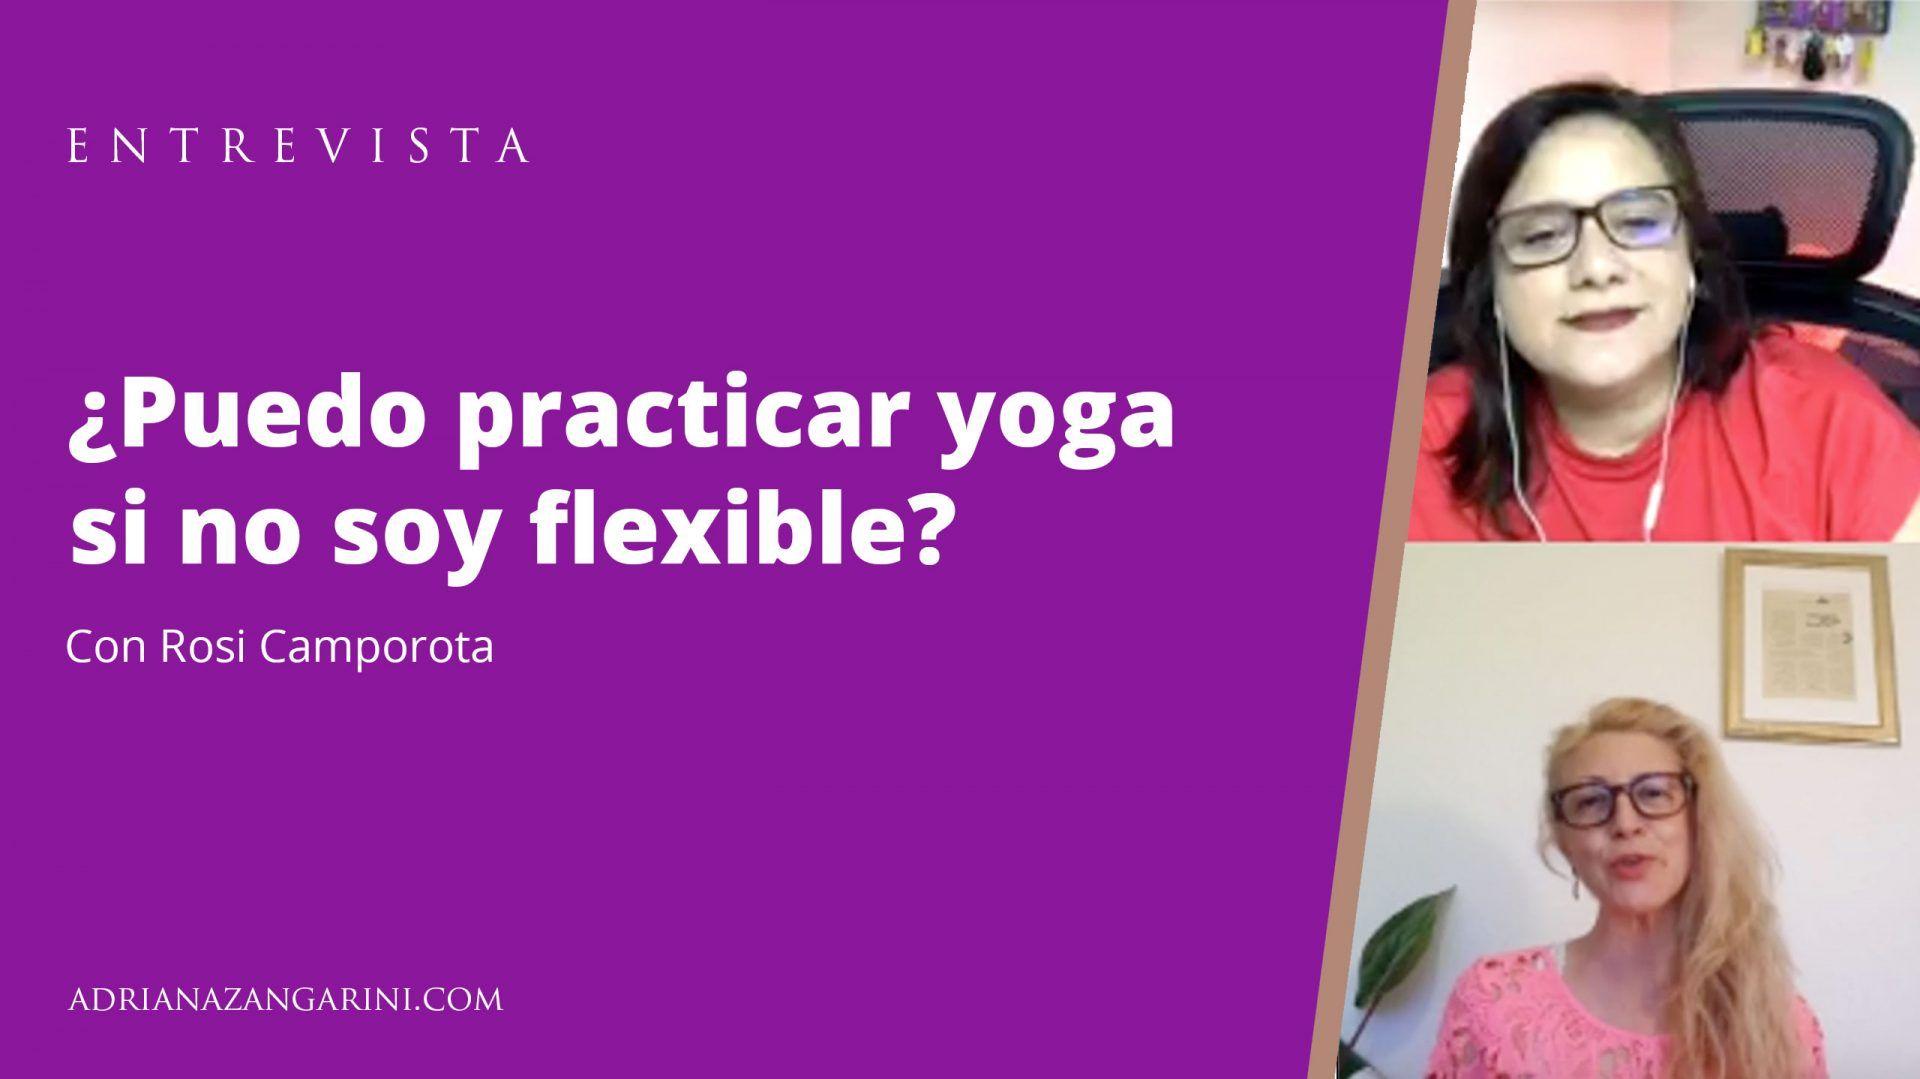 ¿Puedo practicar yoga si no soy flexible?